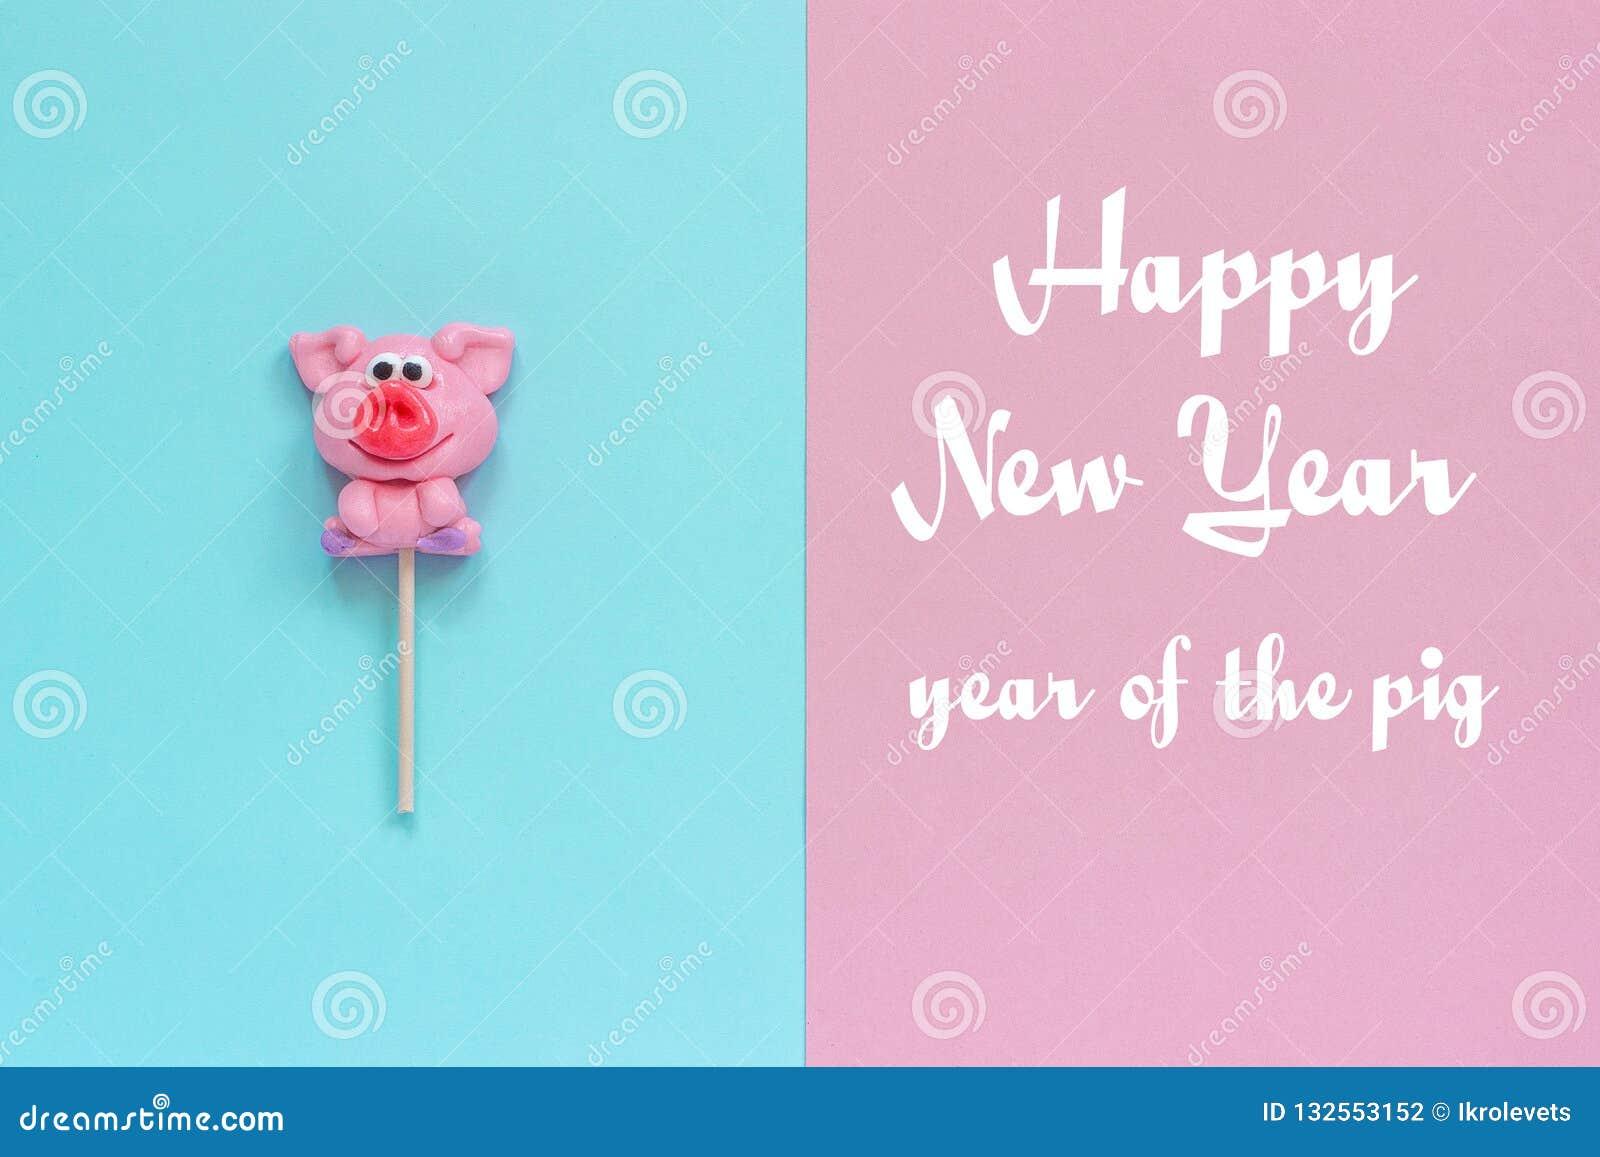 Van de varkenslolly en tekst Gelukkig Nieuwjaar